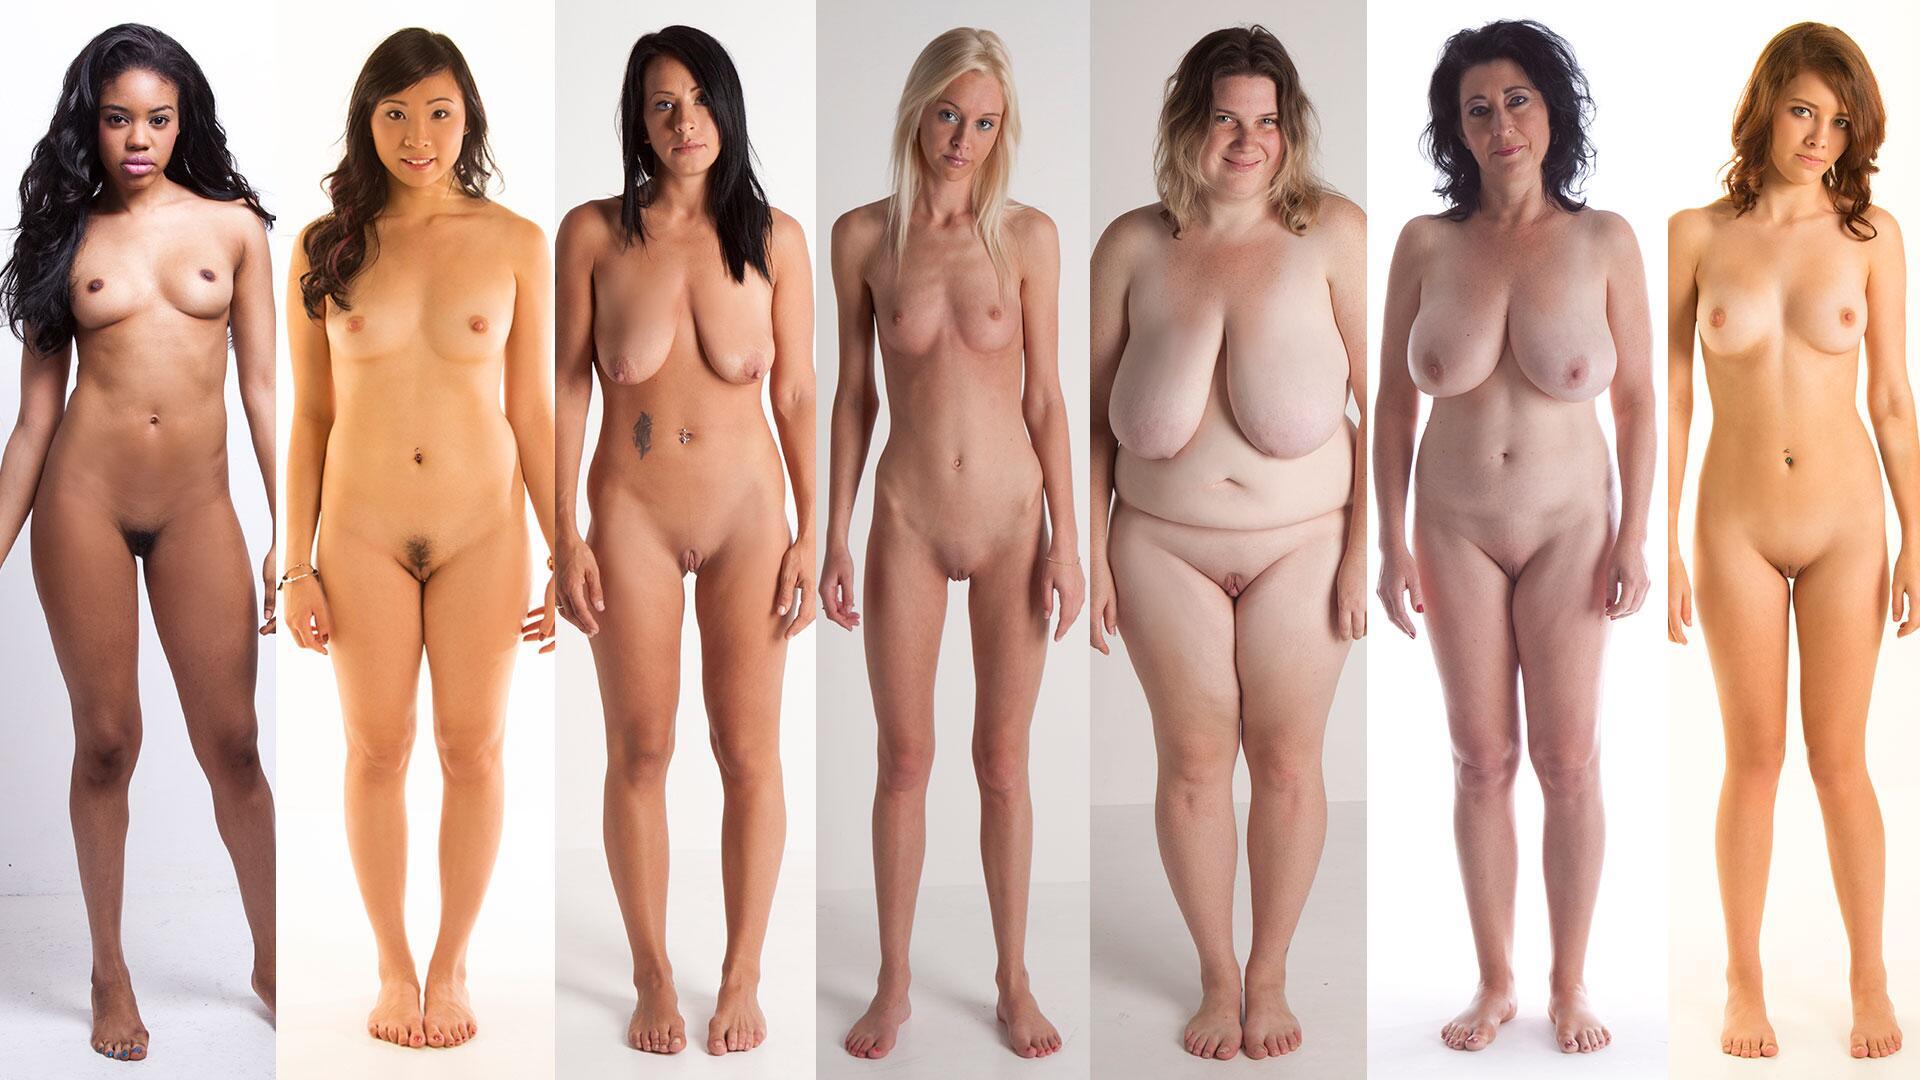 Medium Size Girls Naked